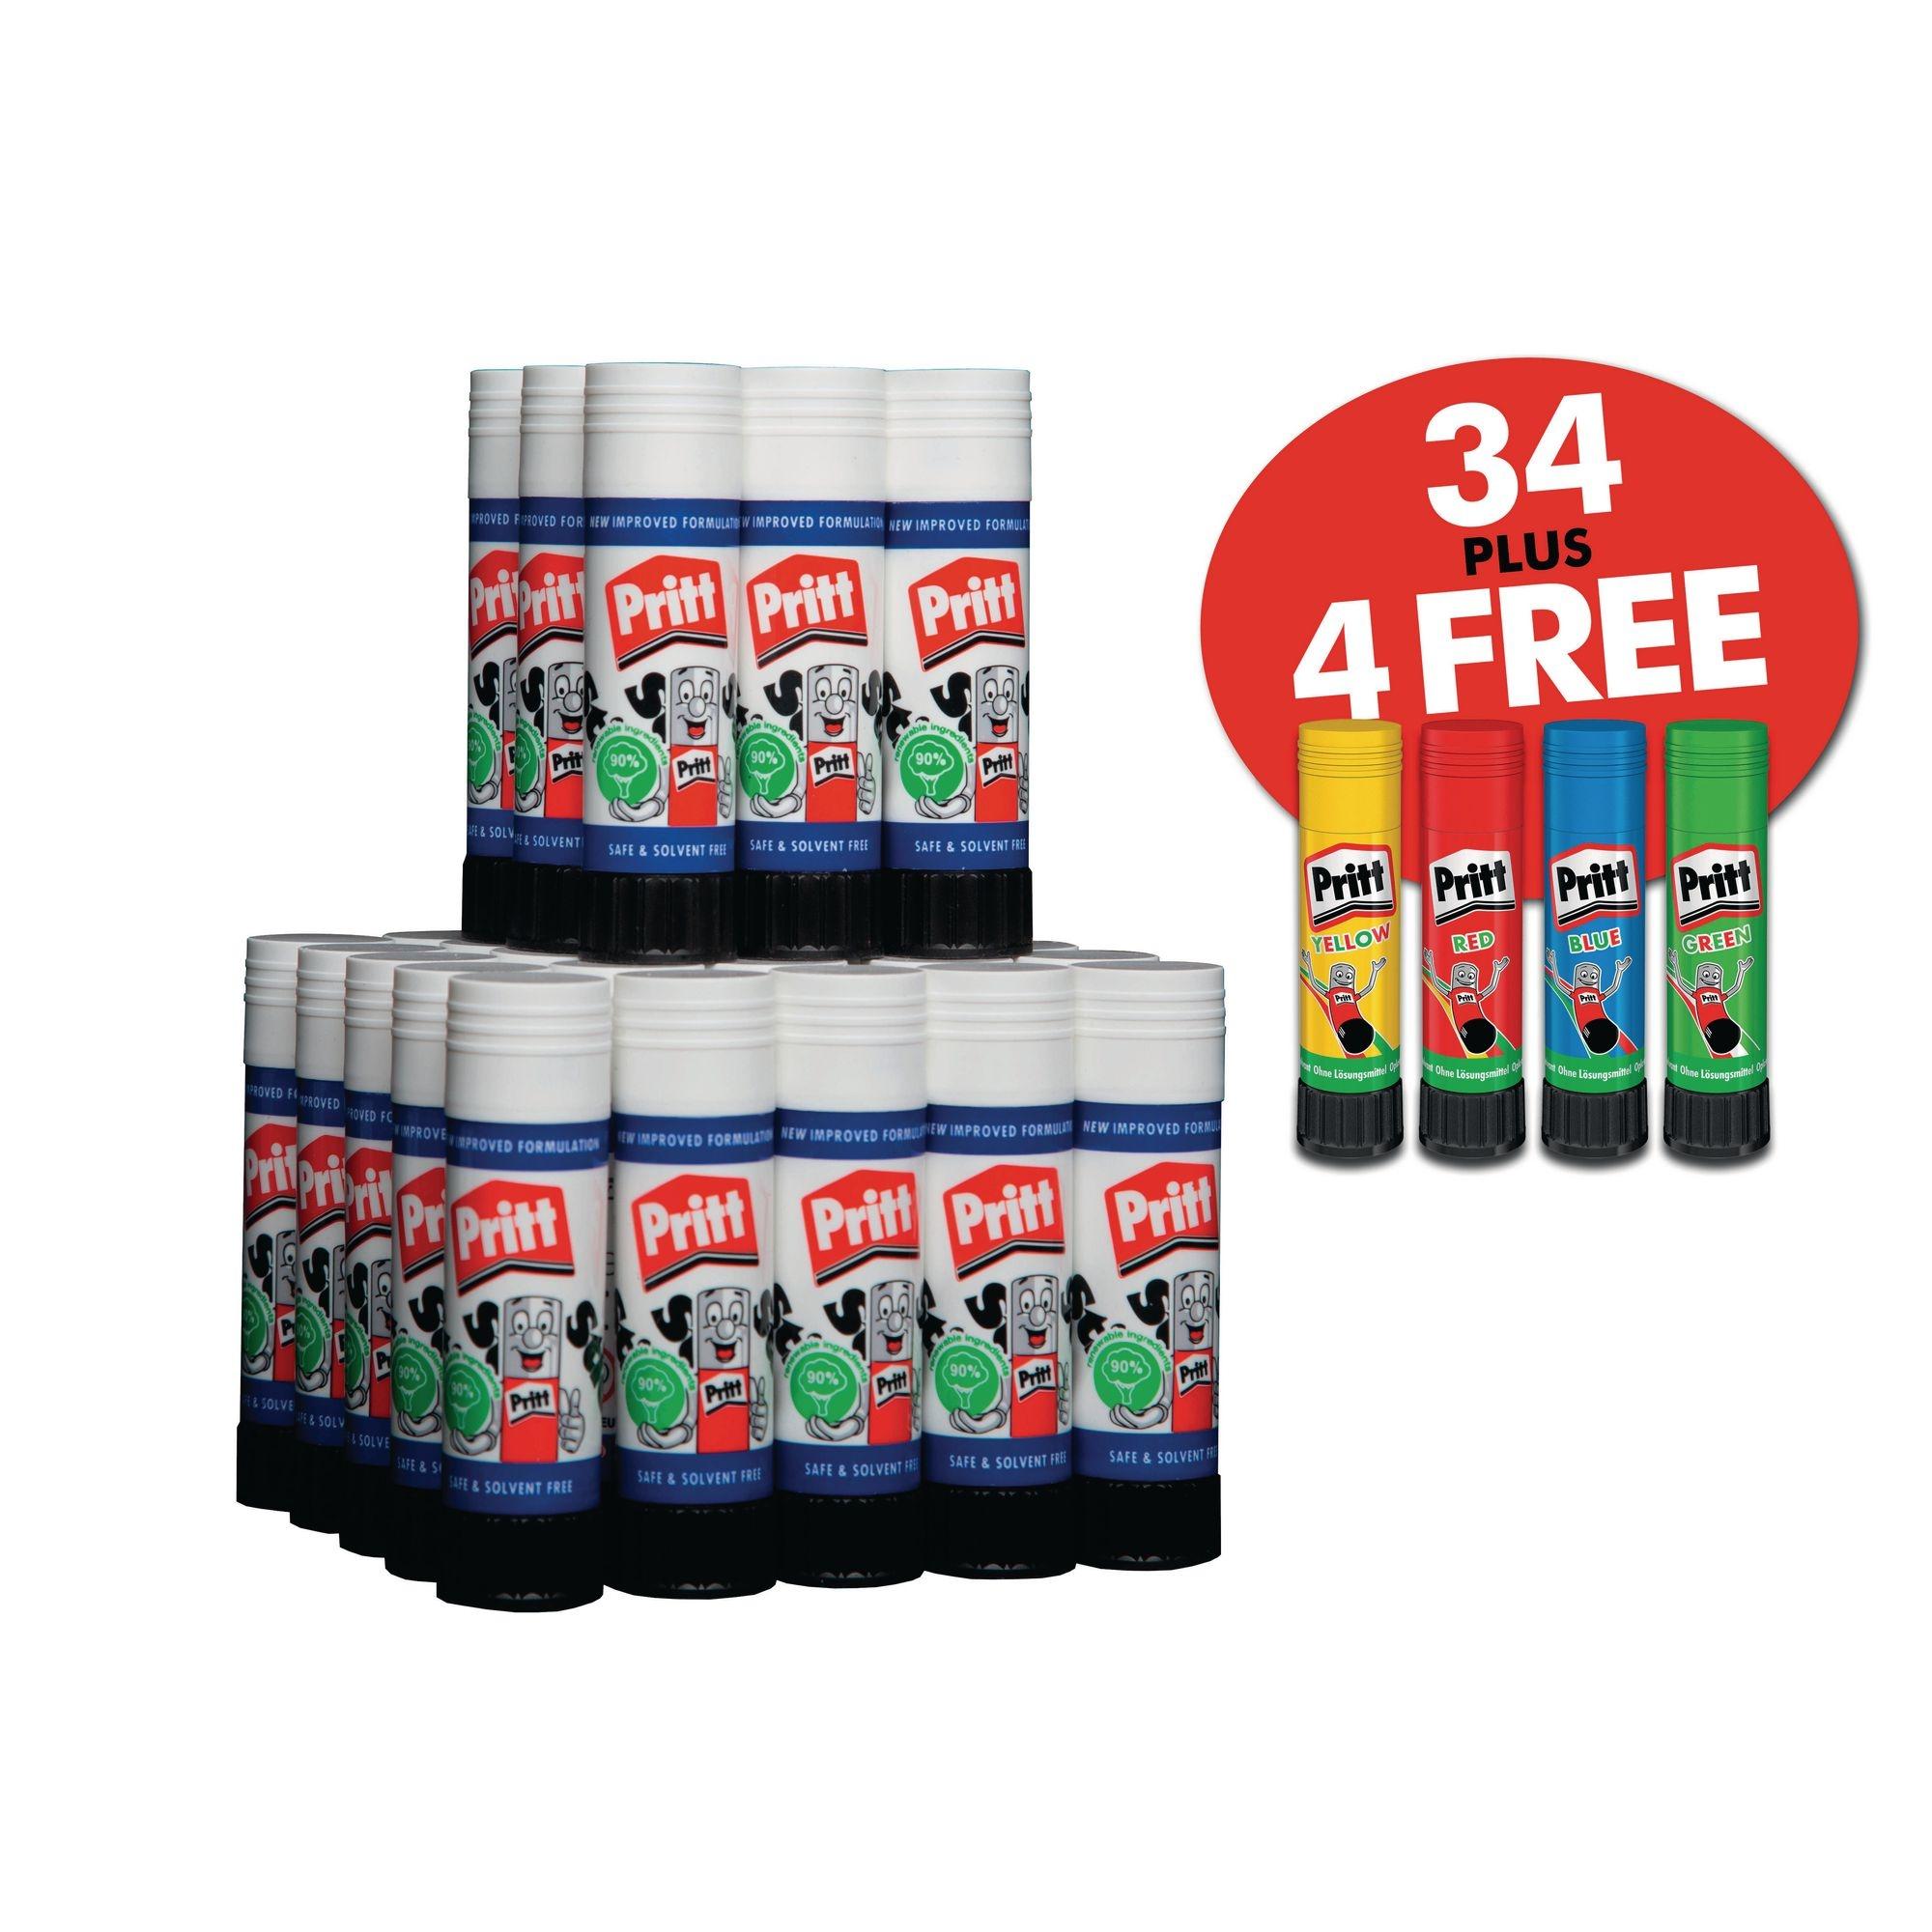 Pritt 43g X34x 4 Free Rainbow Sticks ?